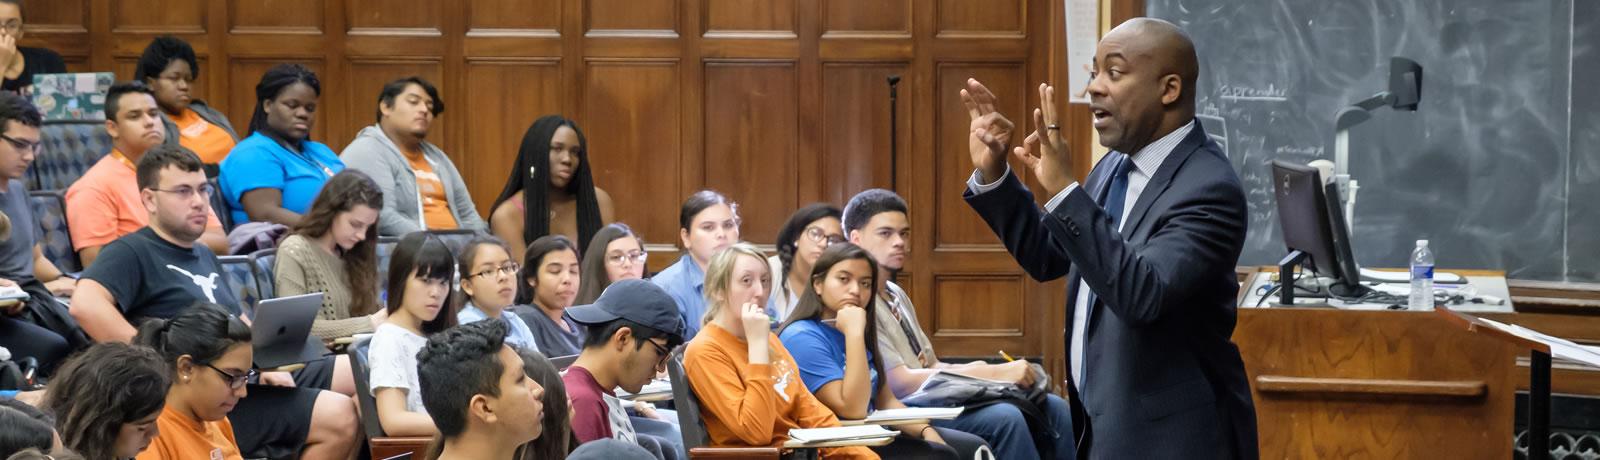 Professor Leonard Moore Named VP for Diversity and Community Engagement